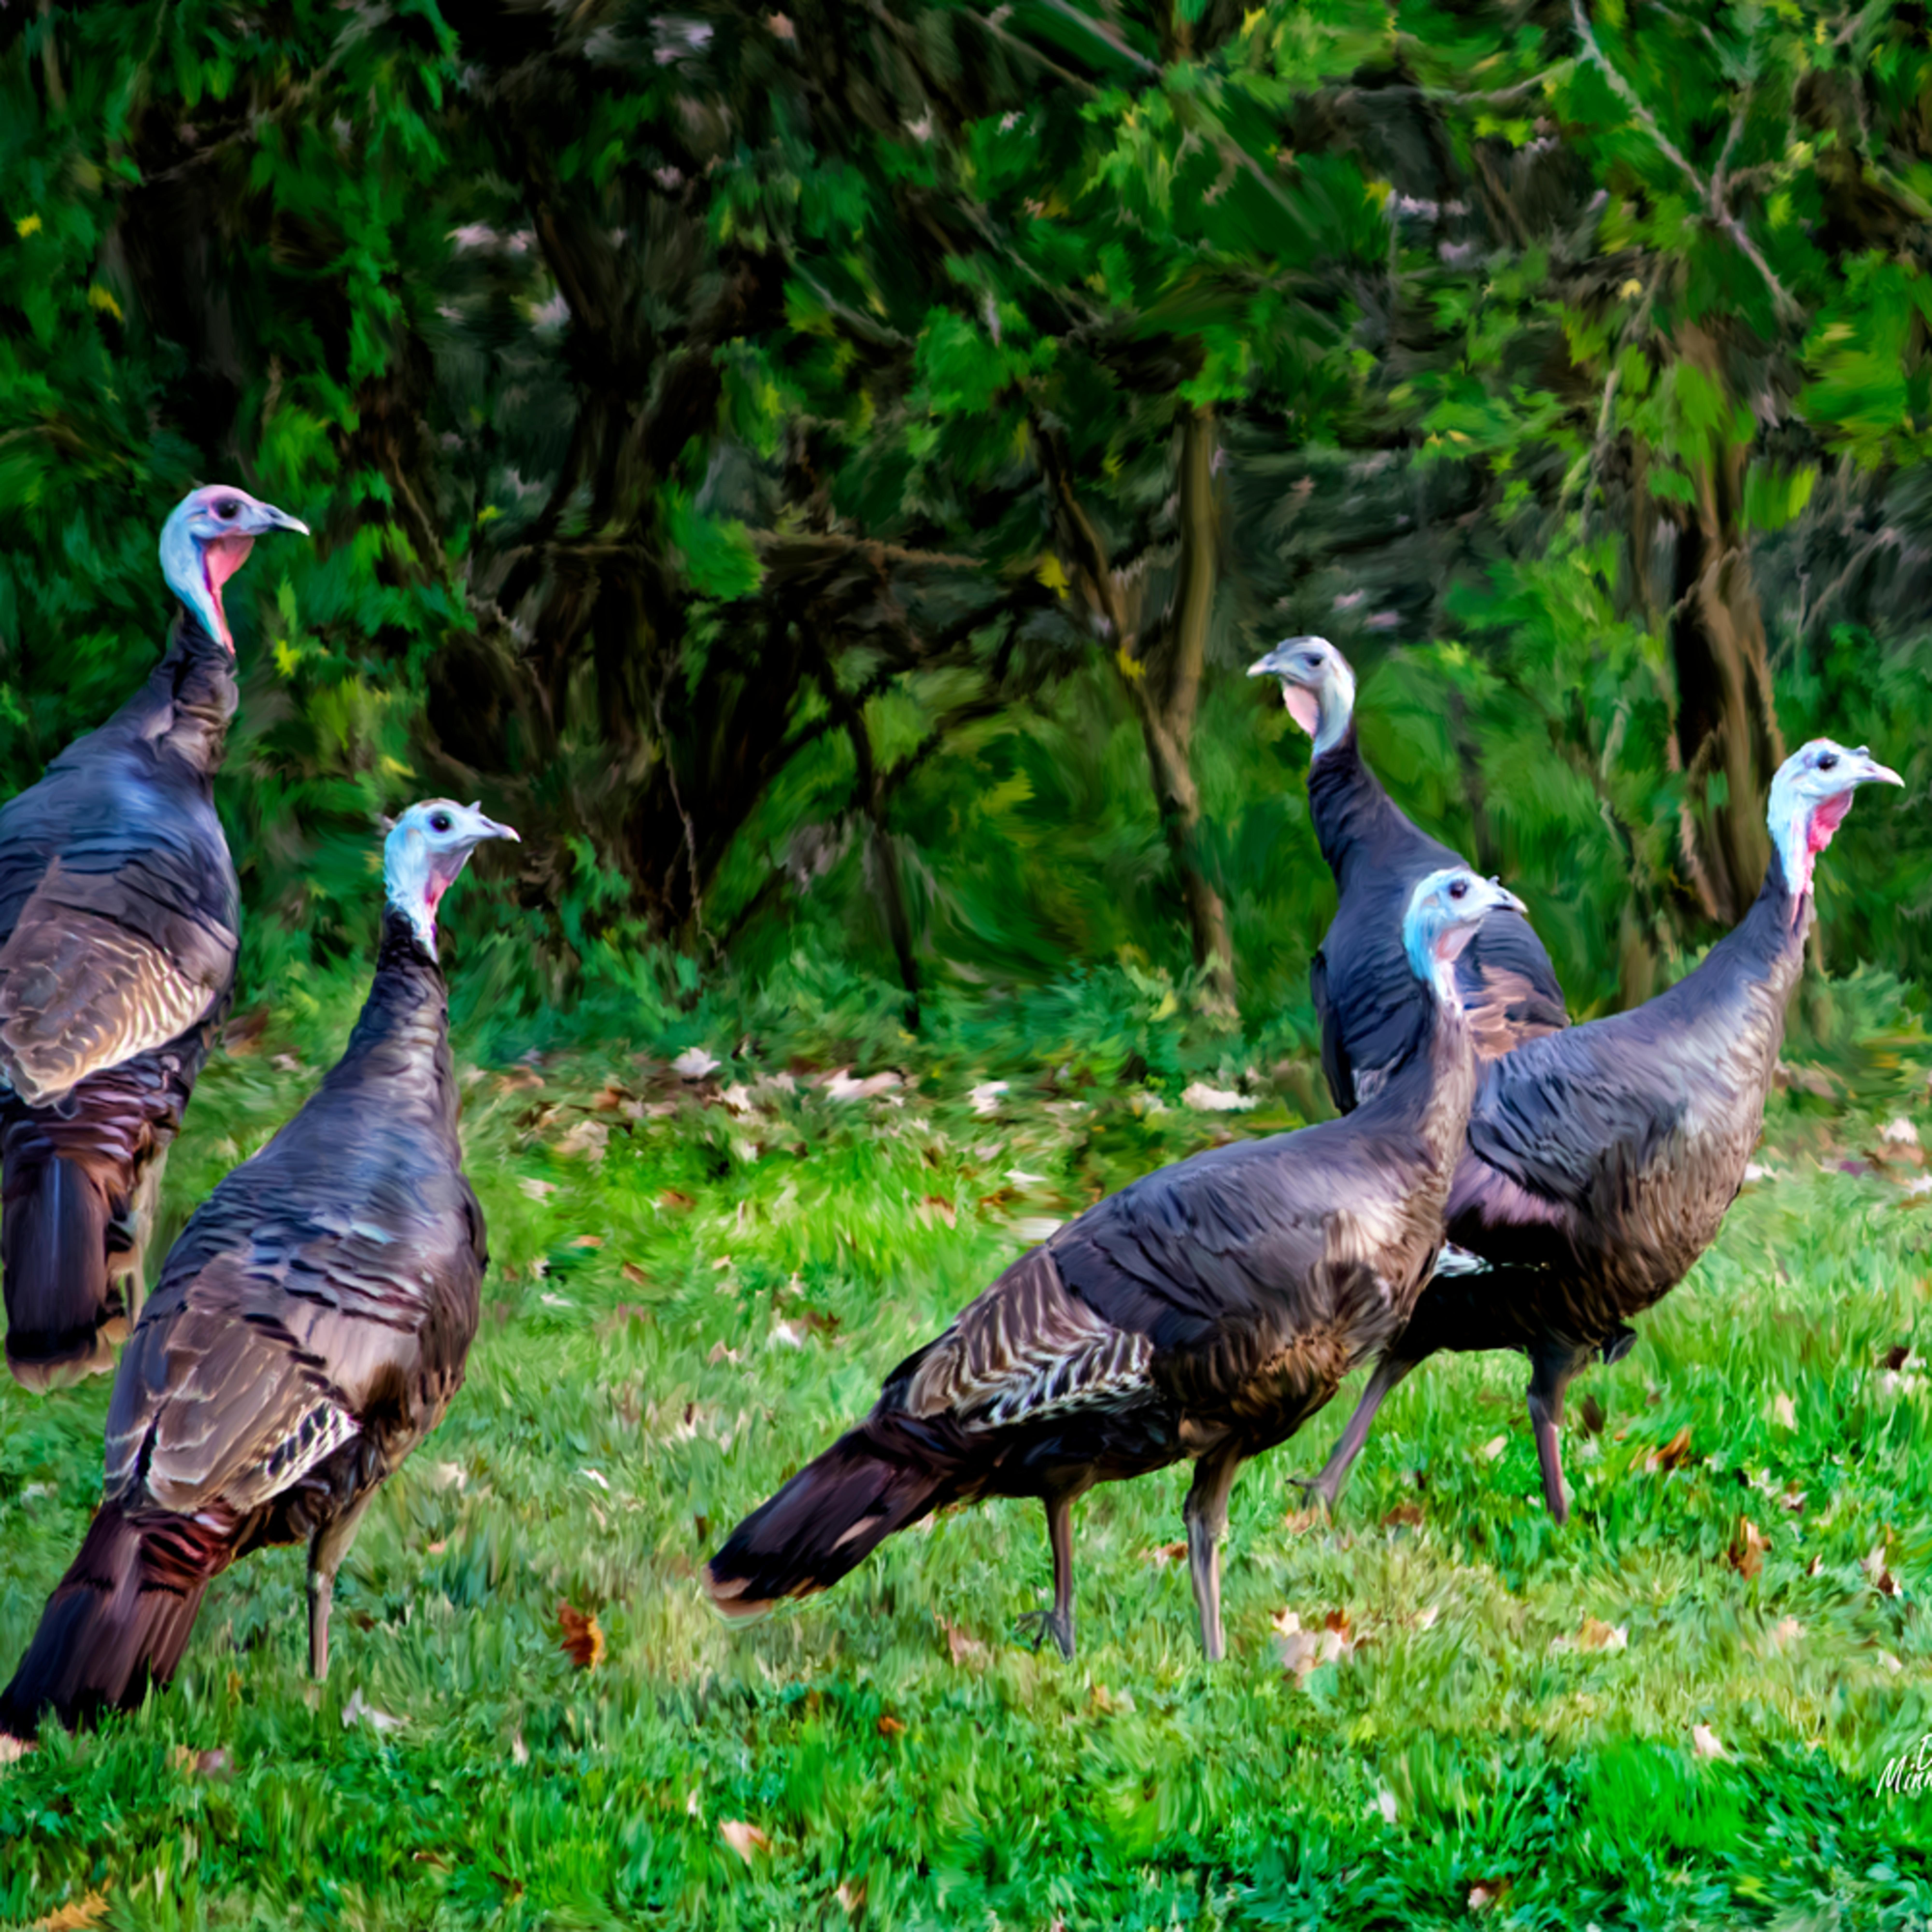 Lady turkeys oreojs